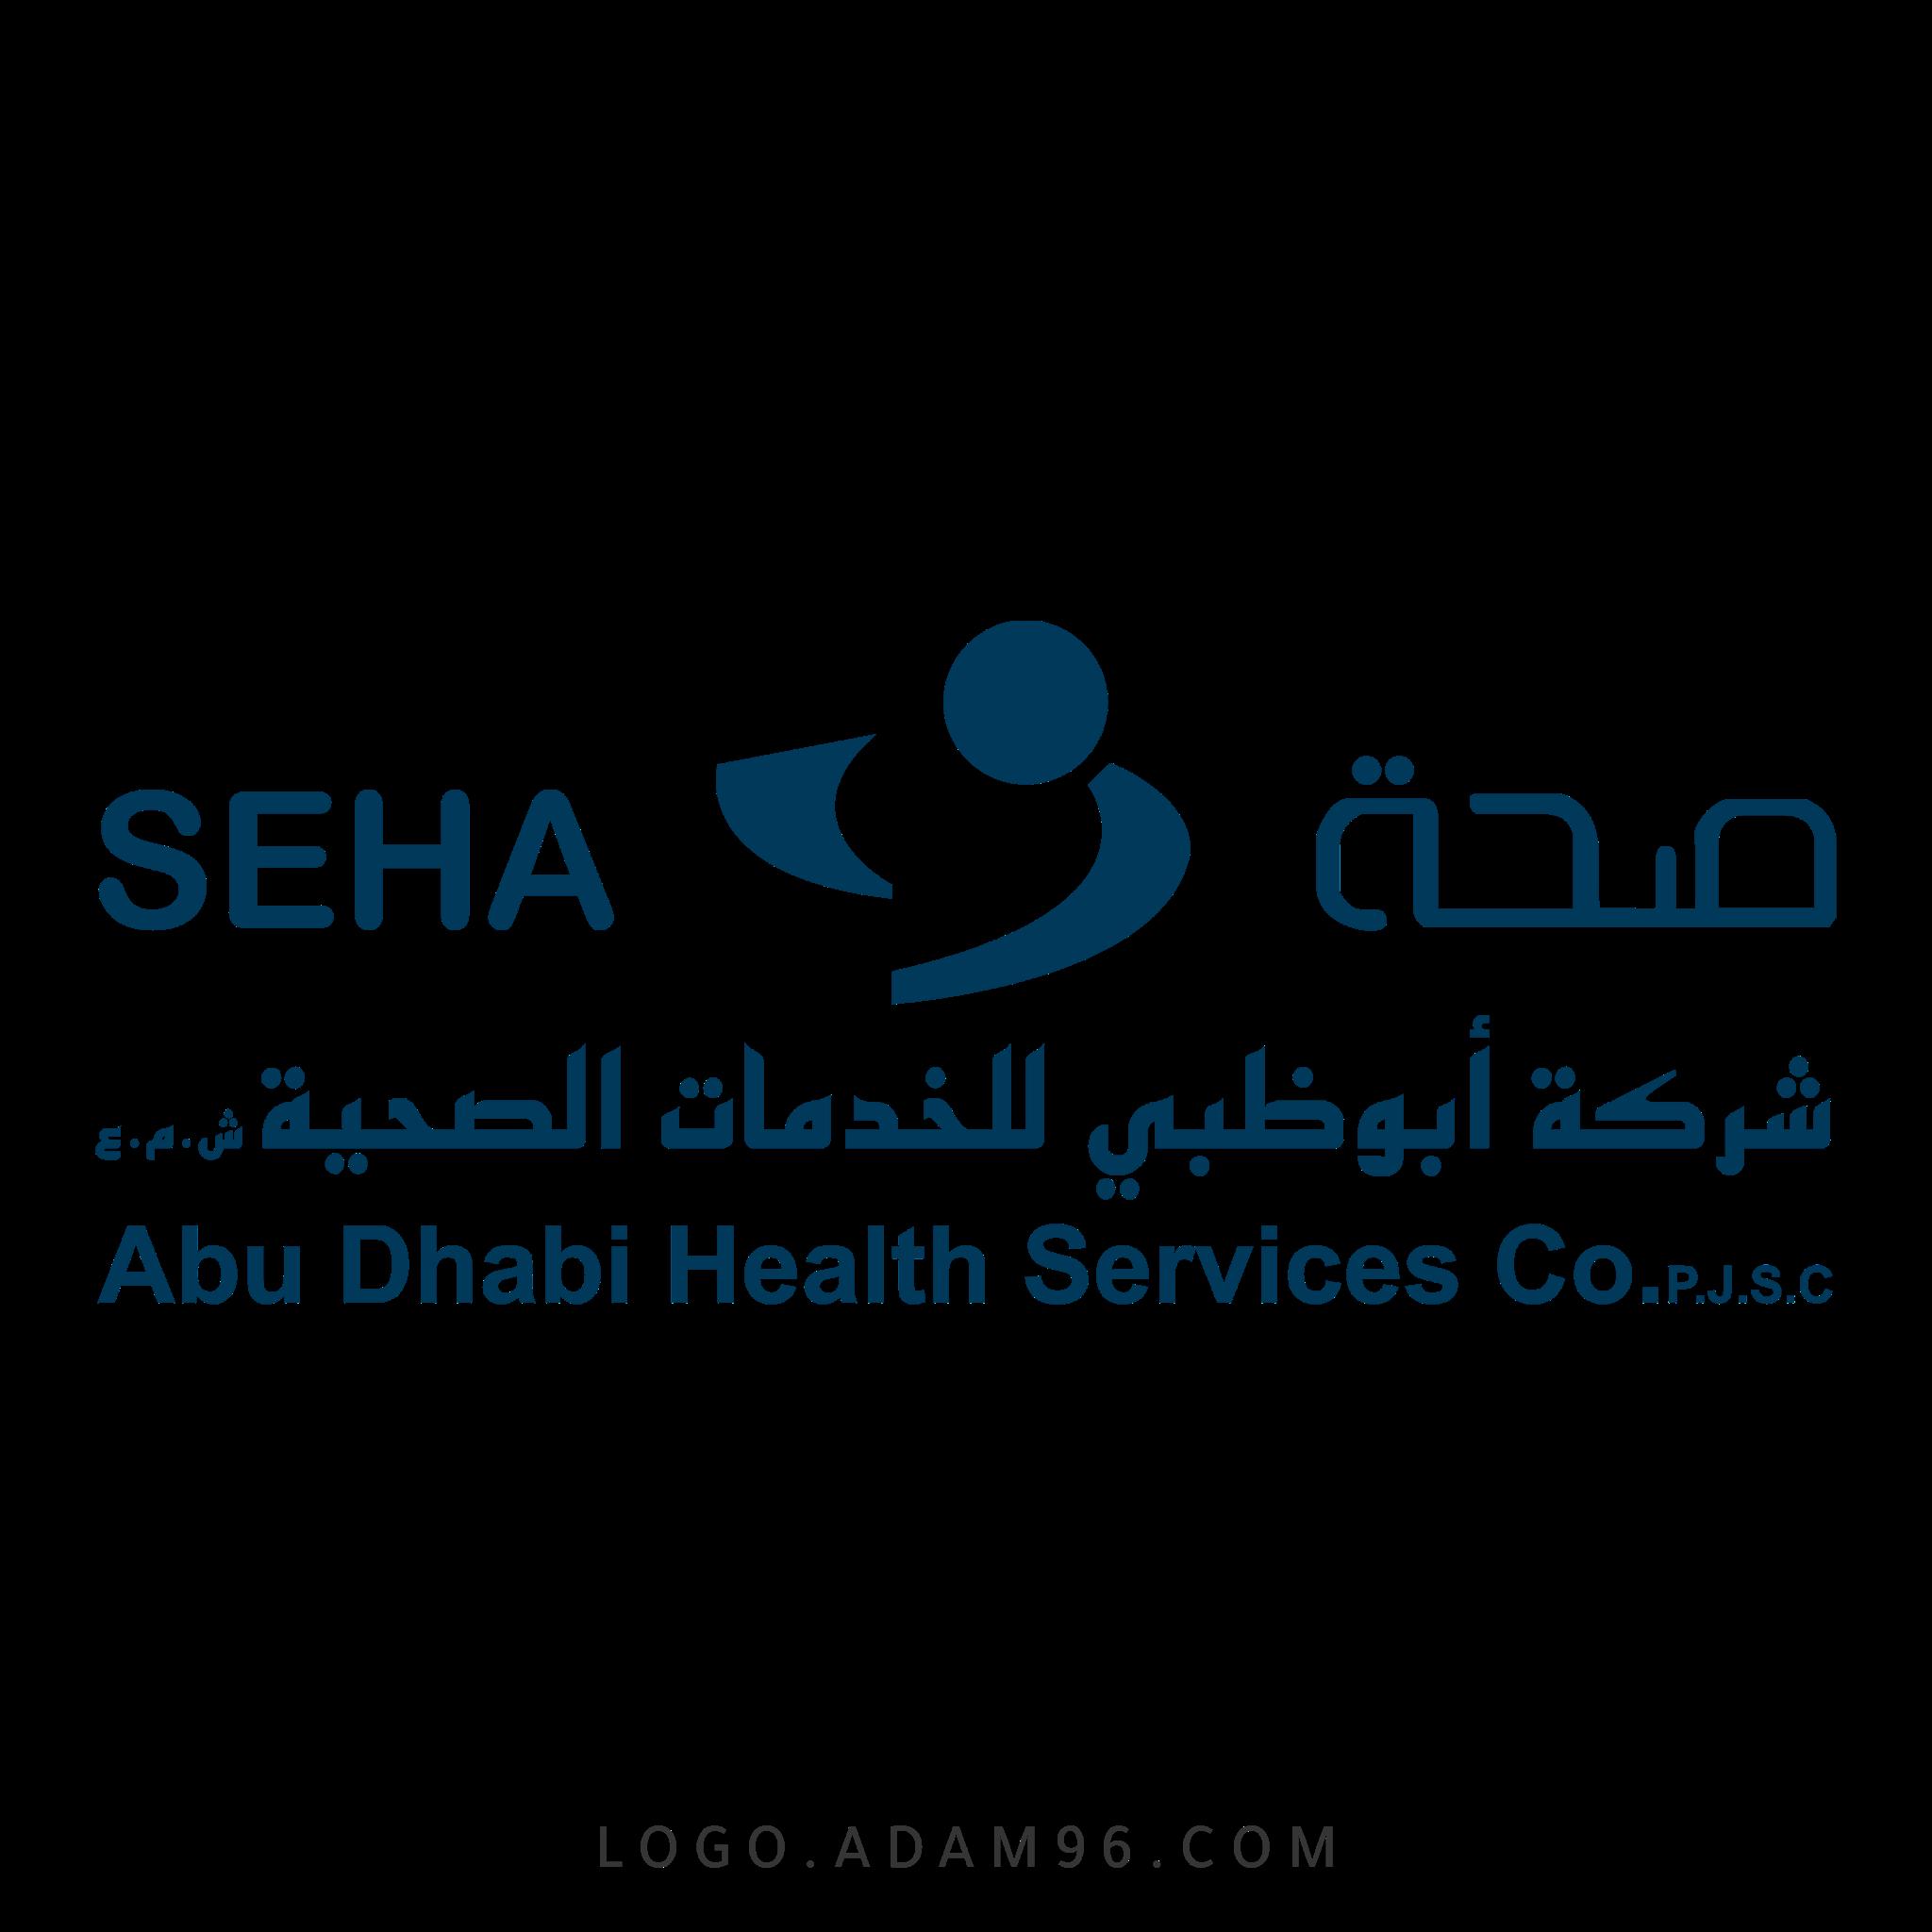 تحميل شعار شركة أبو ظبي للخدمات الصحية لوجو رسمي عالي الجودة PNG